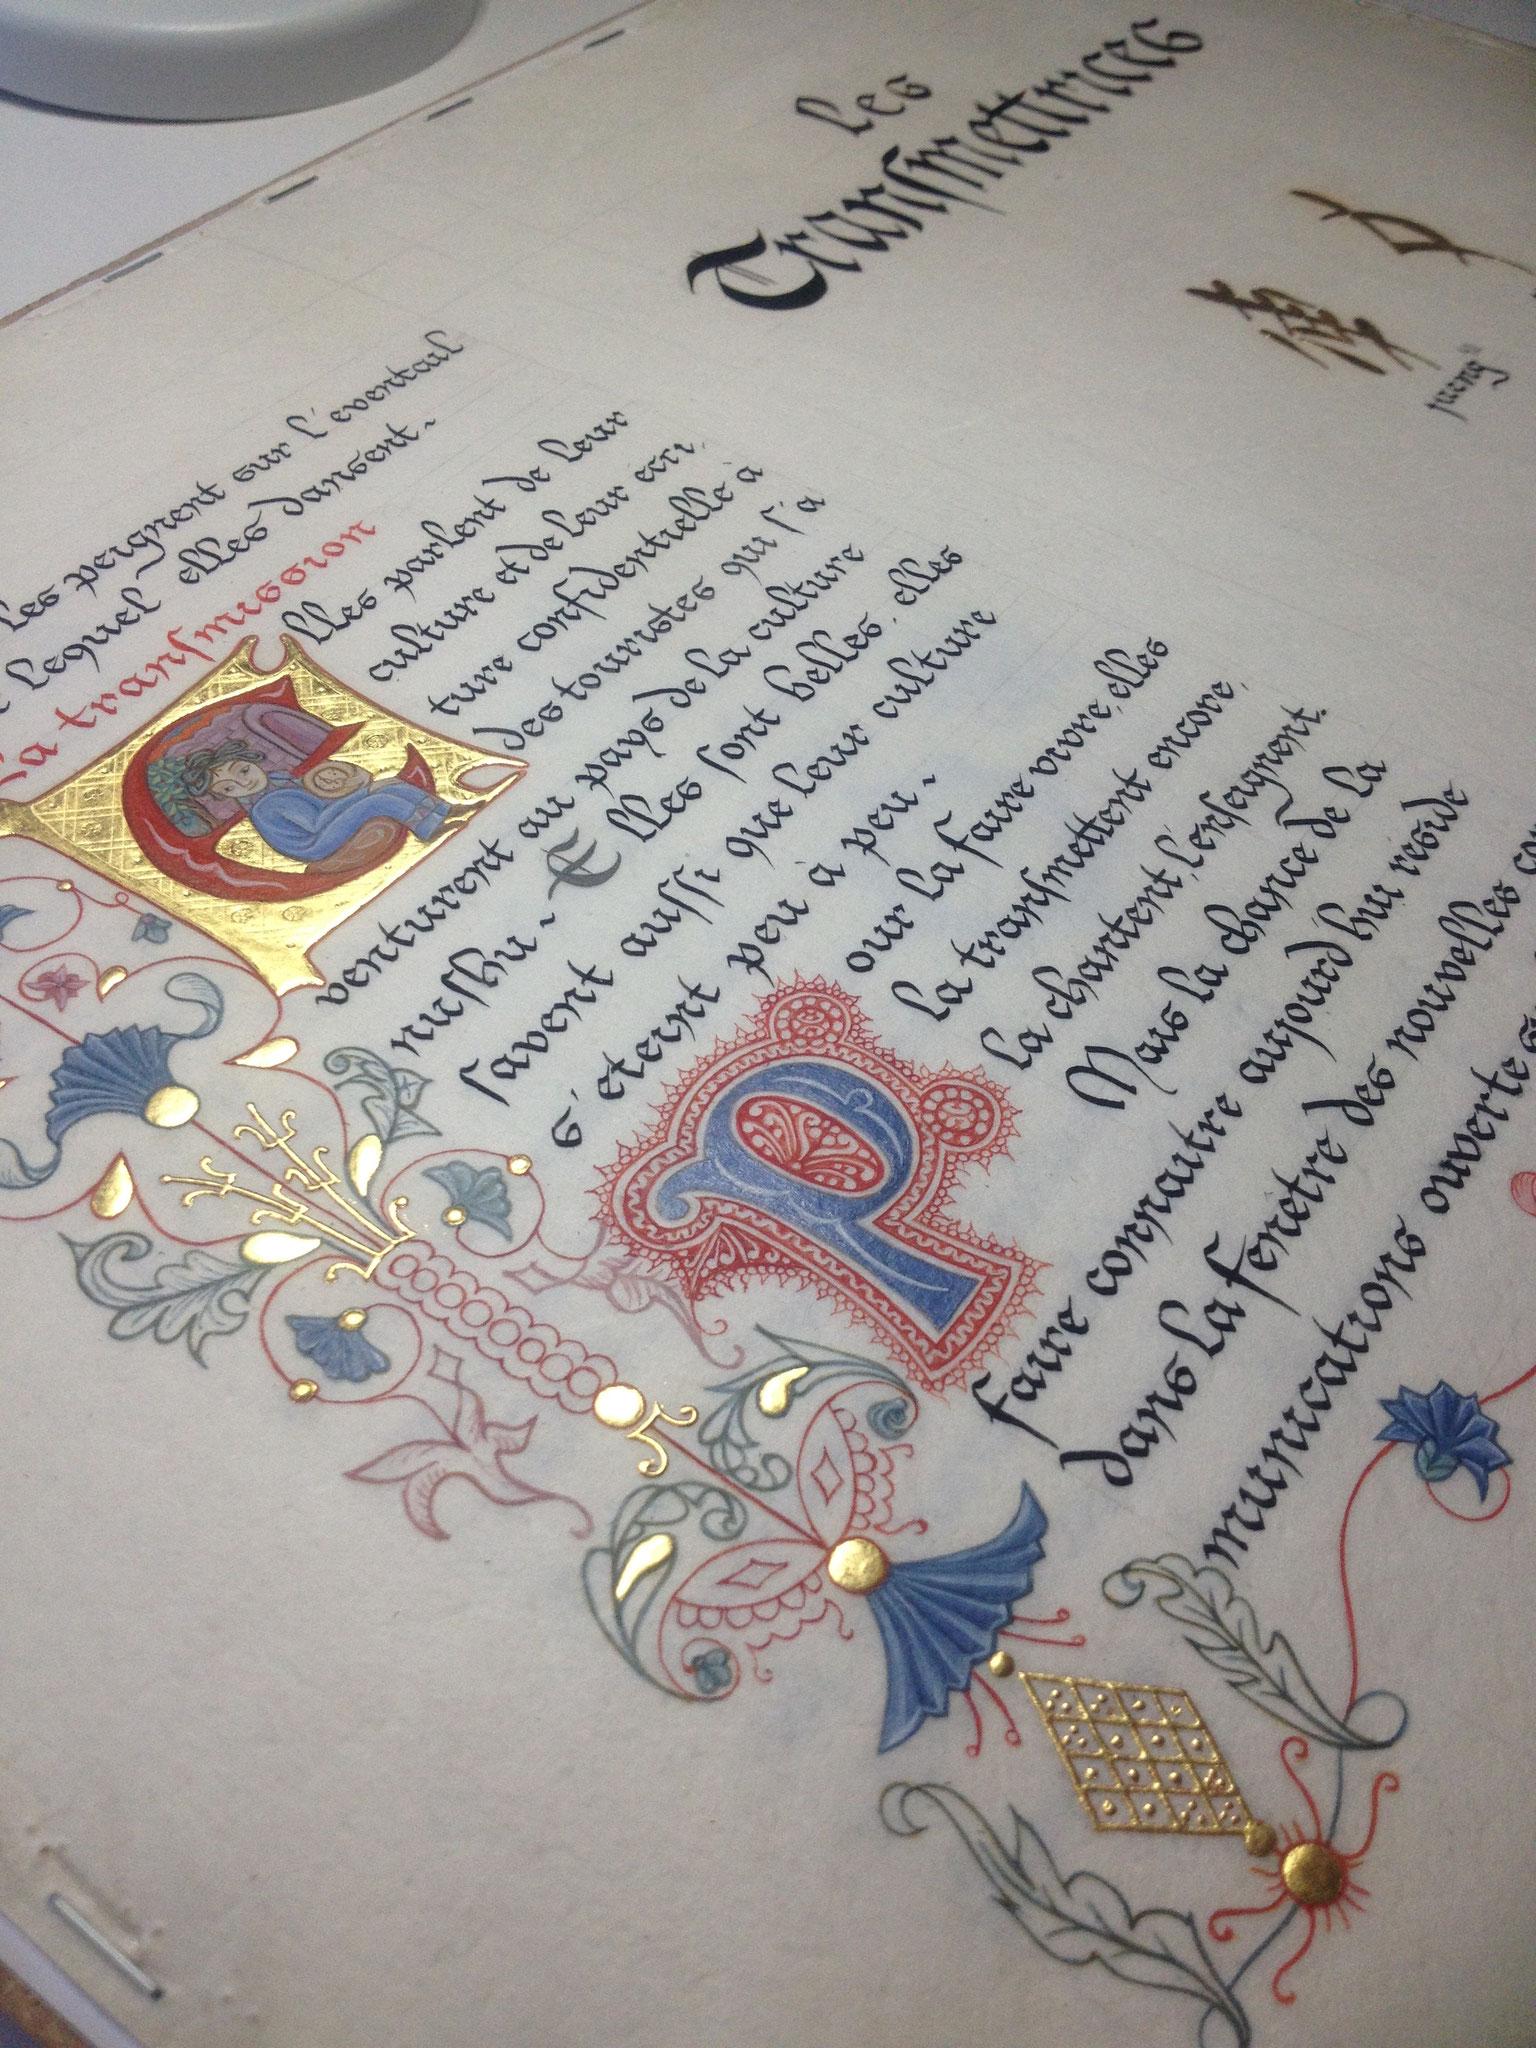 Texte calligraphié en bâtarde gothique et marge en filigrane et besants d'or